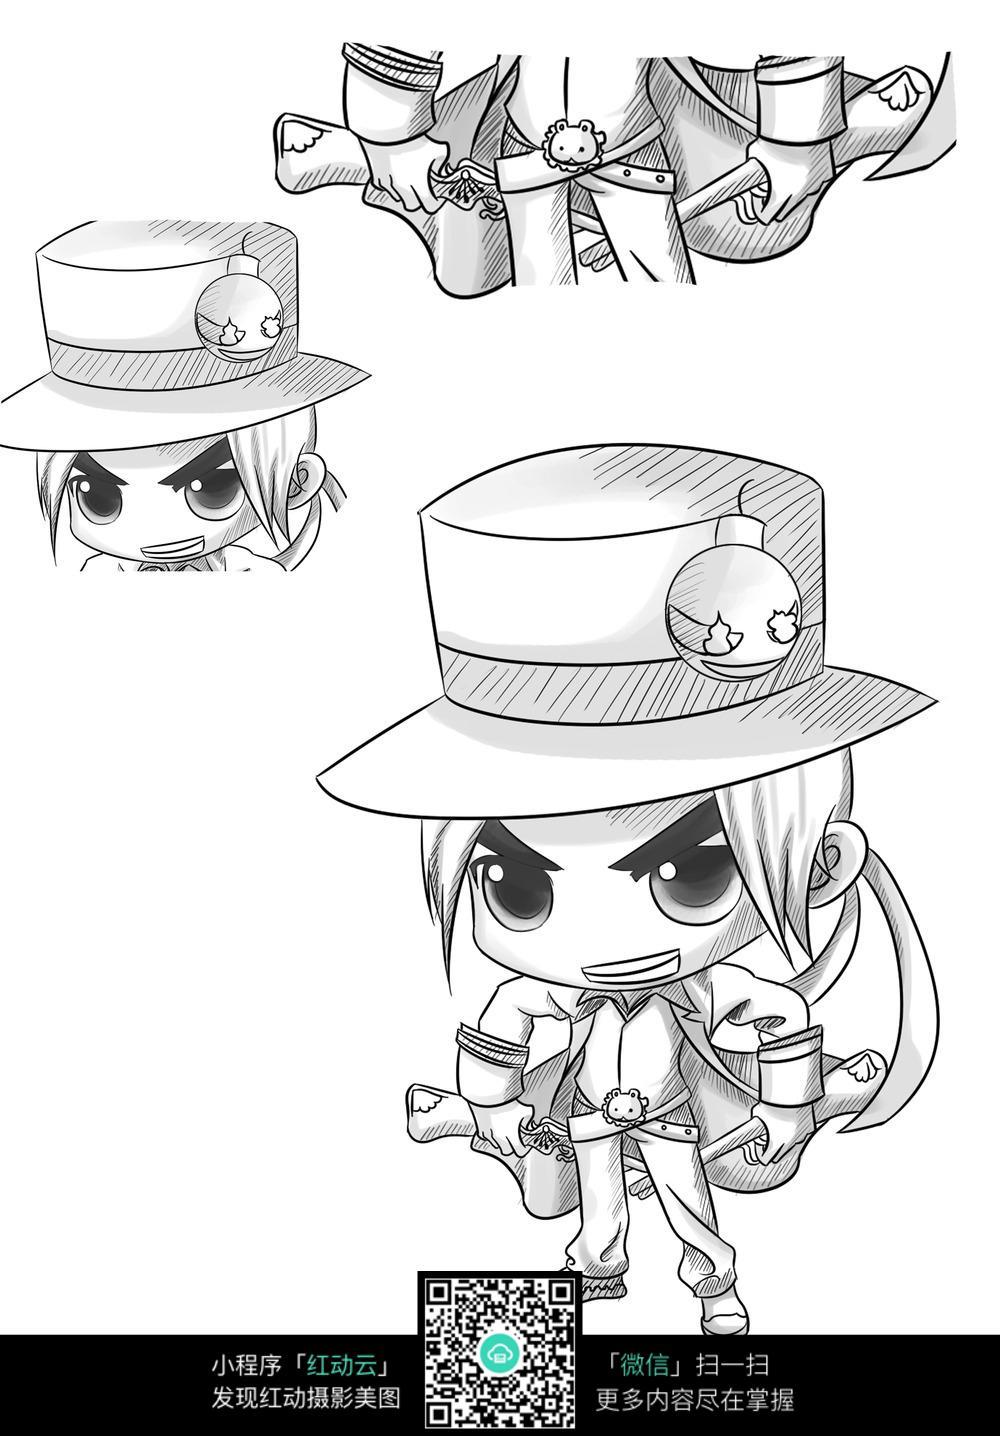 漫画 q版 小女孩 玩偶 酷帅 个性 手绘      卡通人物 漫画人物 人物